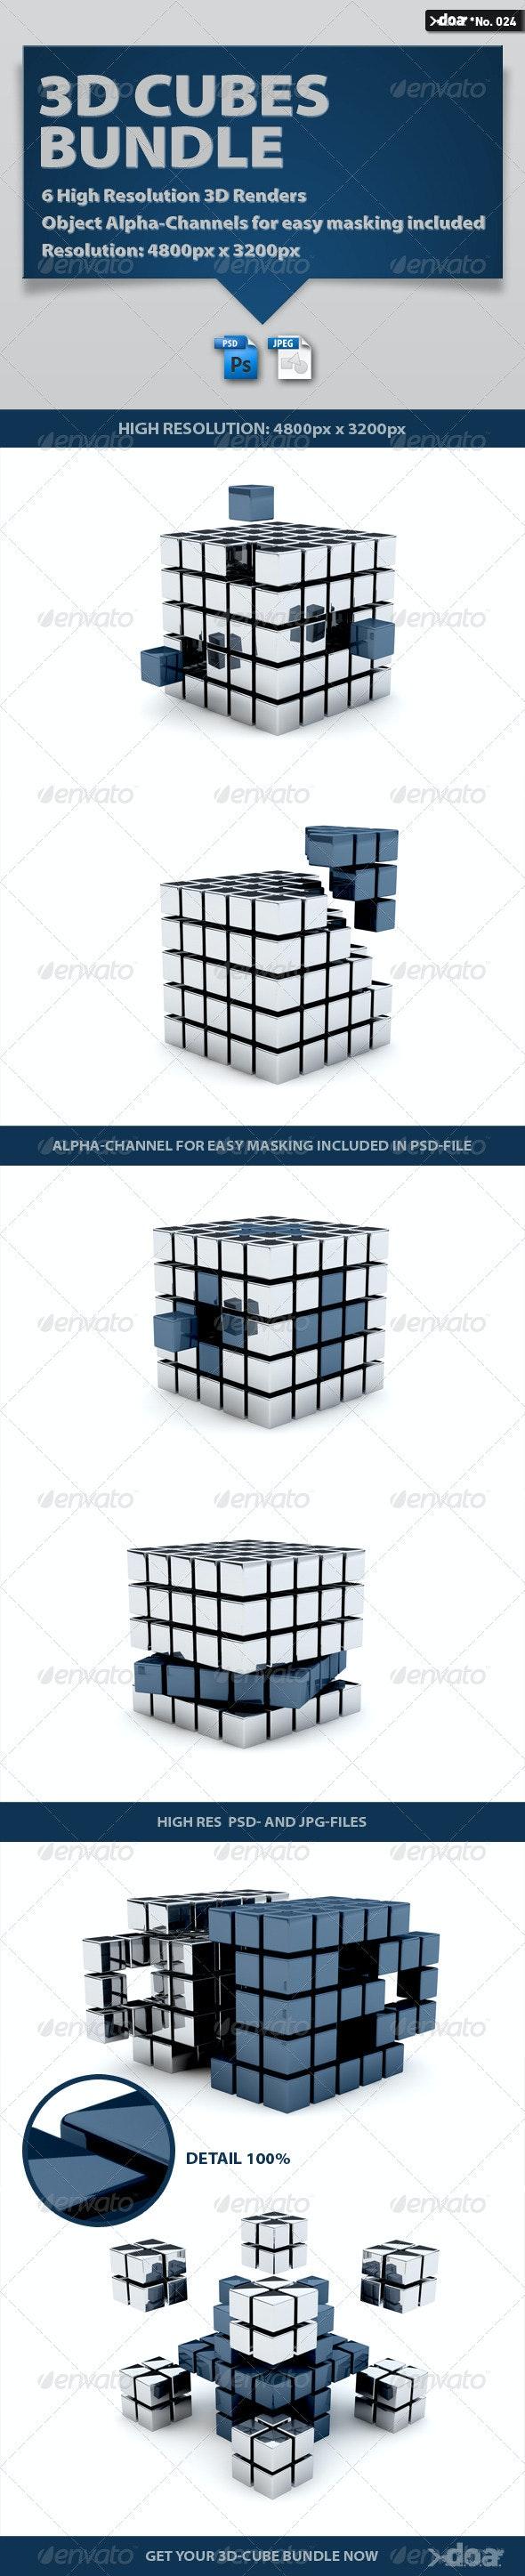 3D Cubes Bundle - 3D Renders Graphics